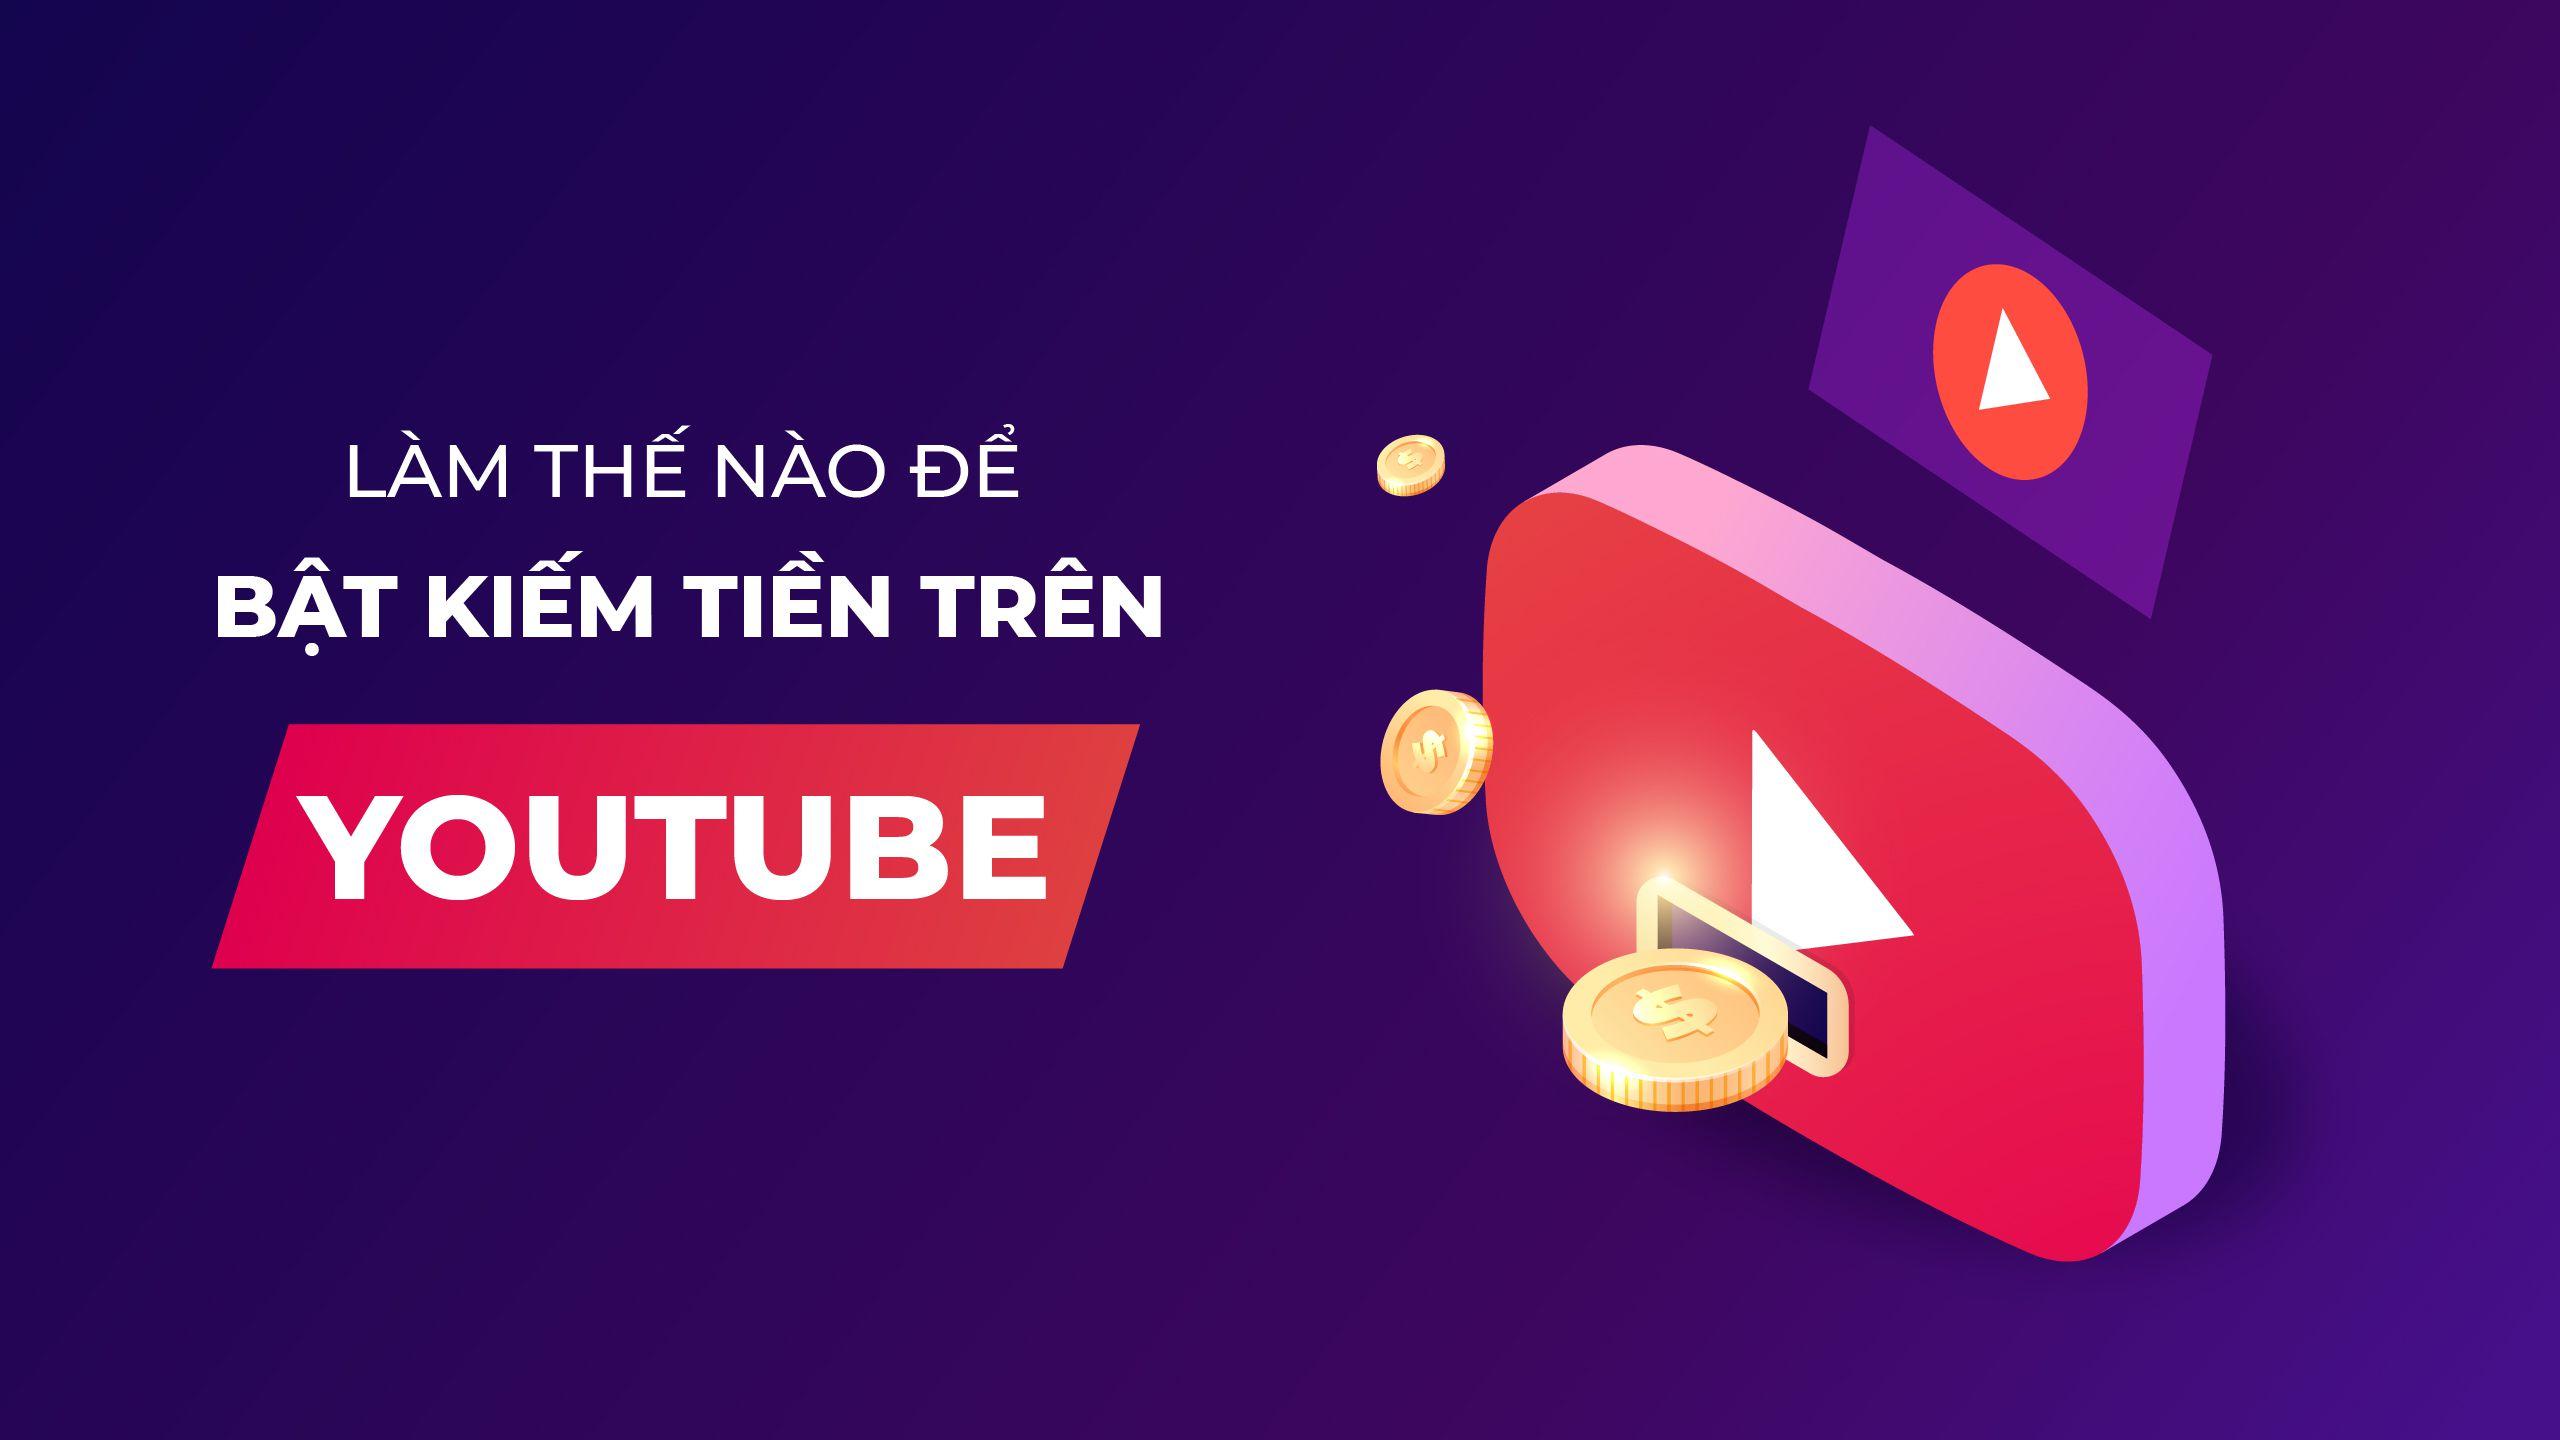 Hướng dẫn bật kiếm tiền trên Youtube